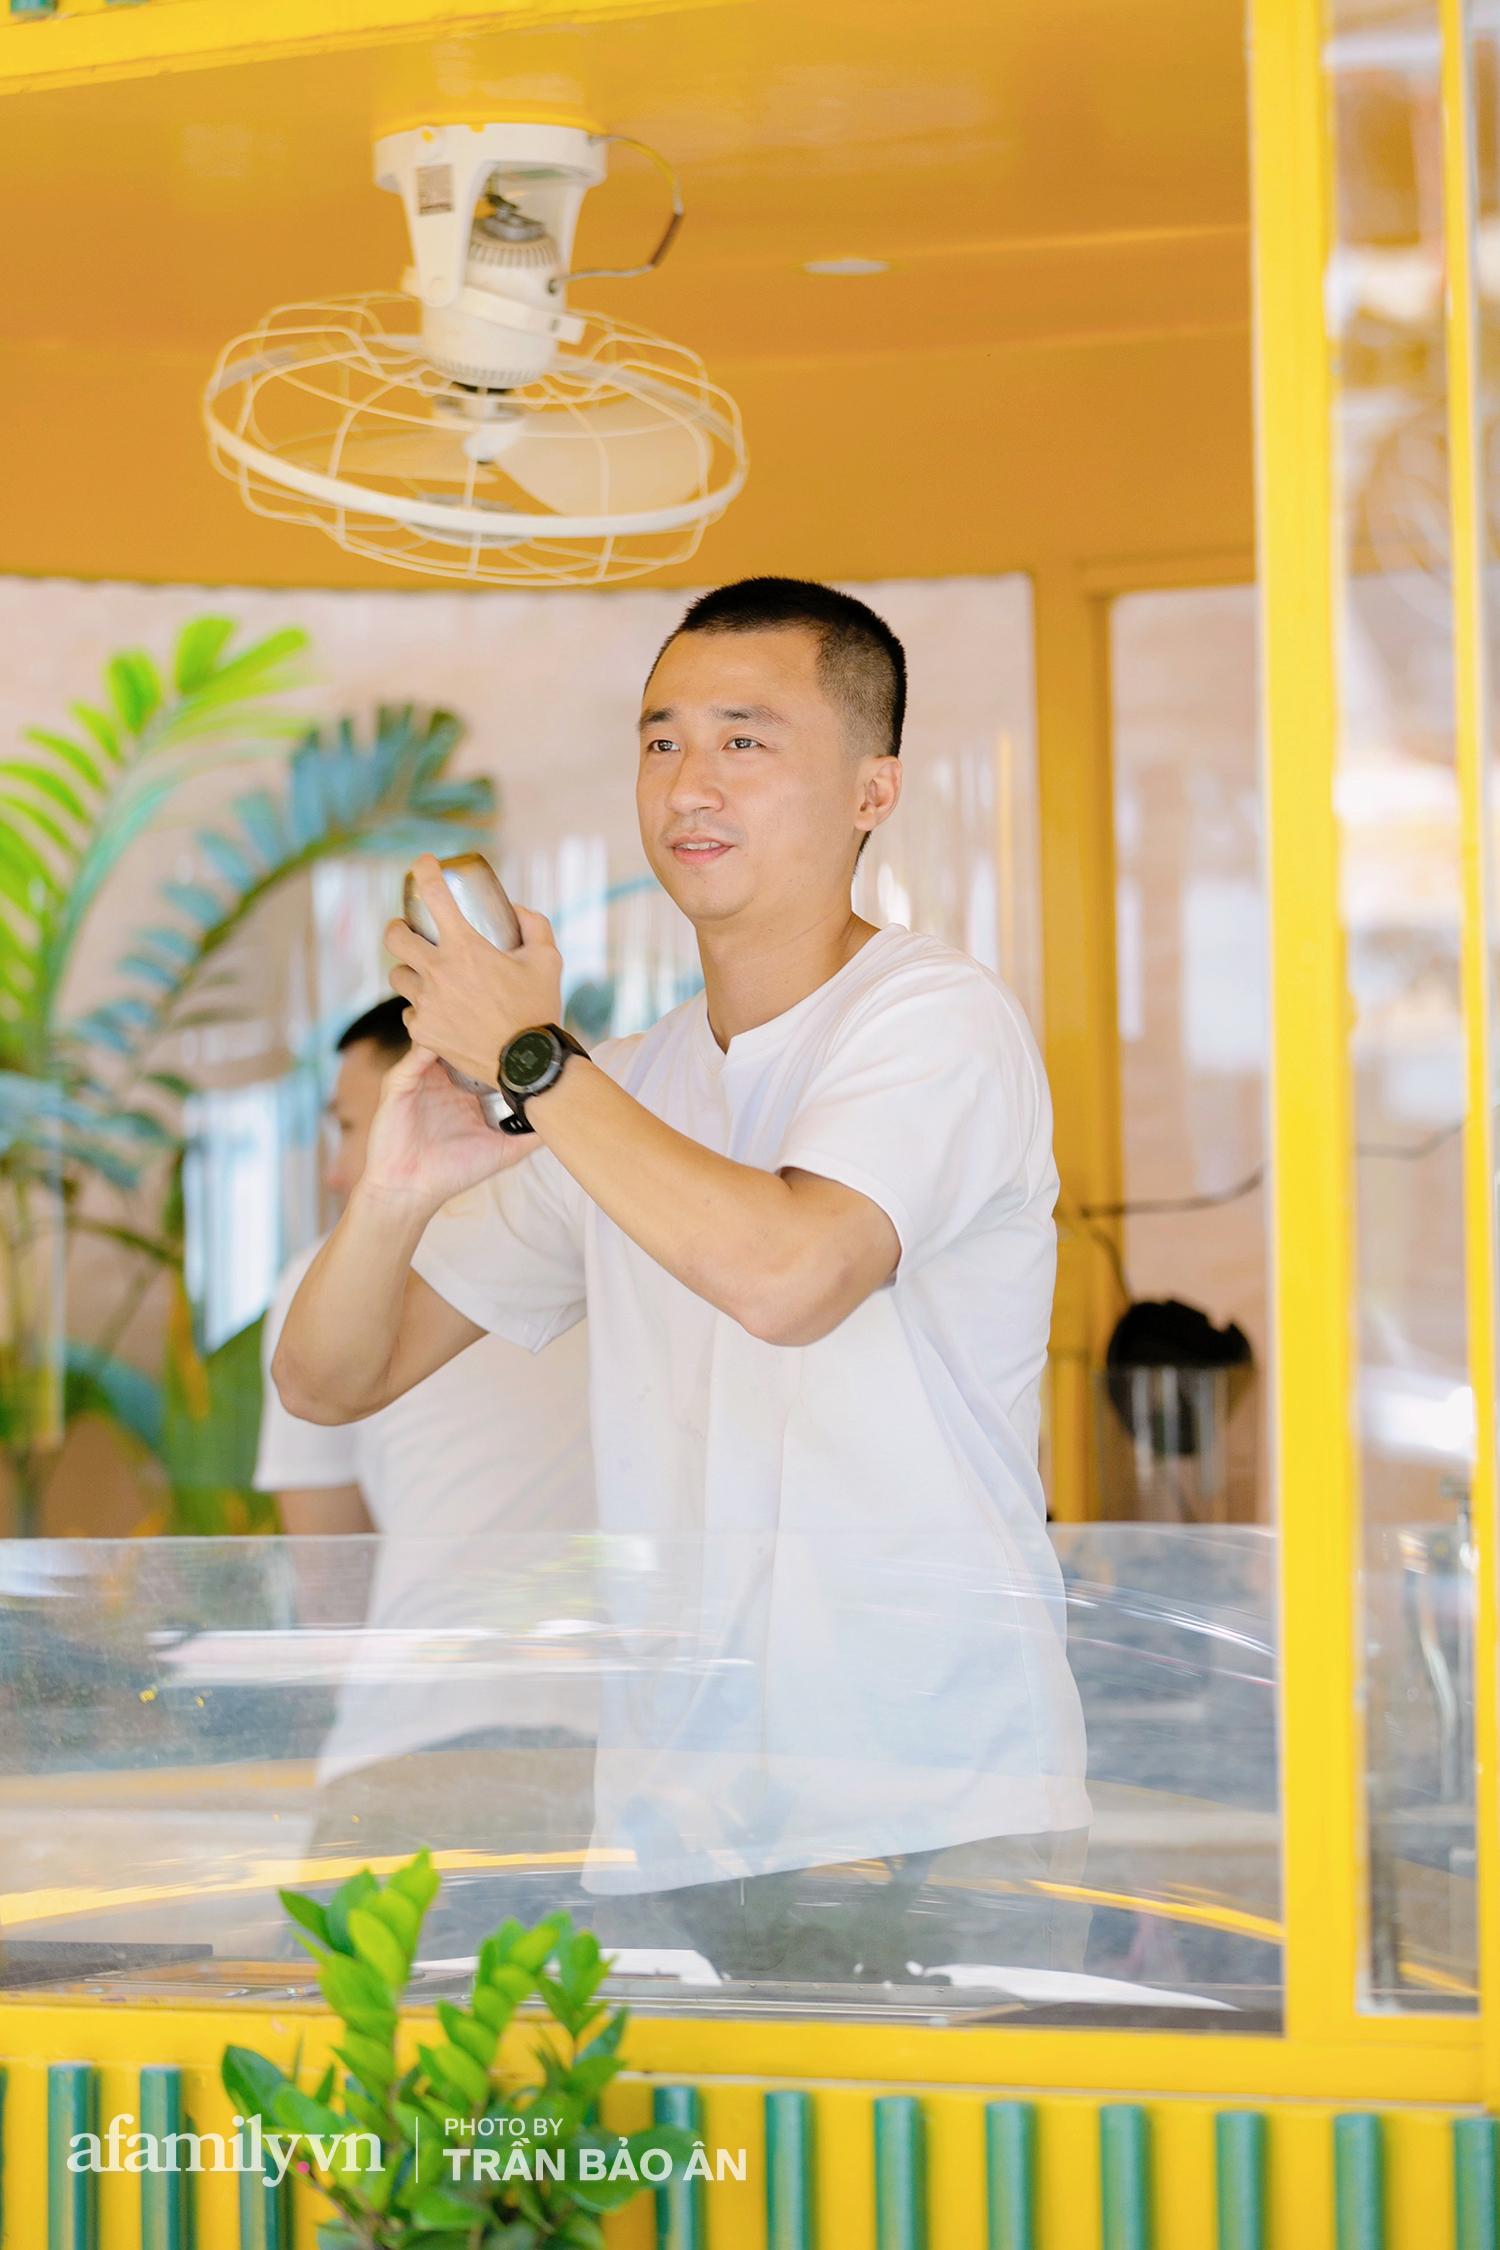 """""""Tuyên chiến Covid"""" 3 chàng trai mở tiệm nước mía lạ nhất Sài Gòn, ai đi qua cũng trầm trồ """"đẹp như khu vui chơi""""! - Ảnh 13."""